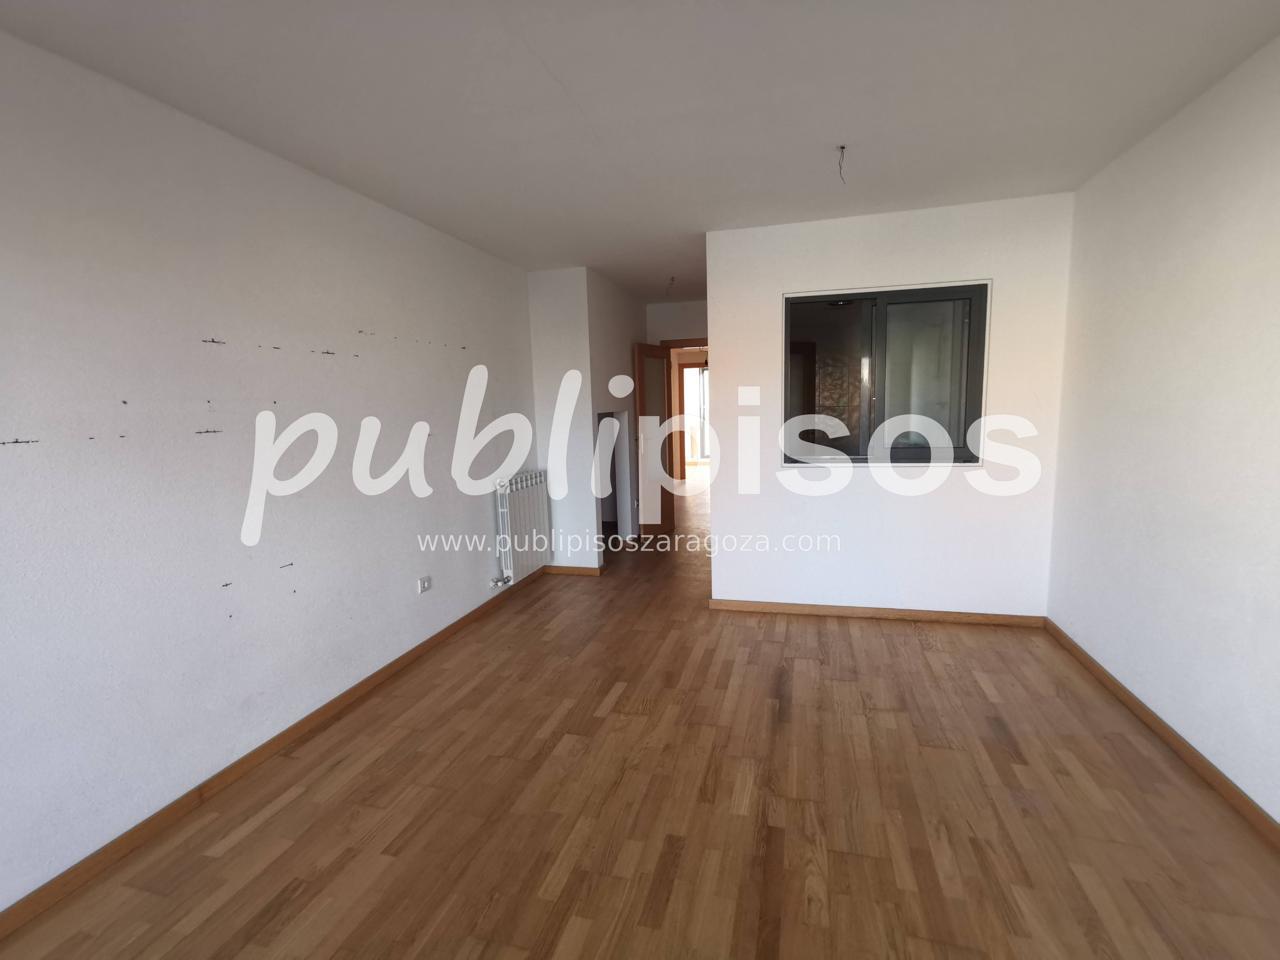 Piso económico con garaje La Puebla de Alfinden-29